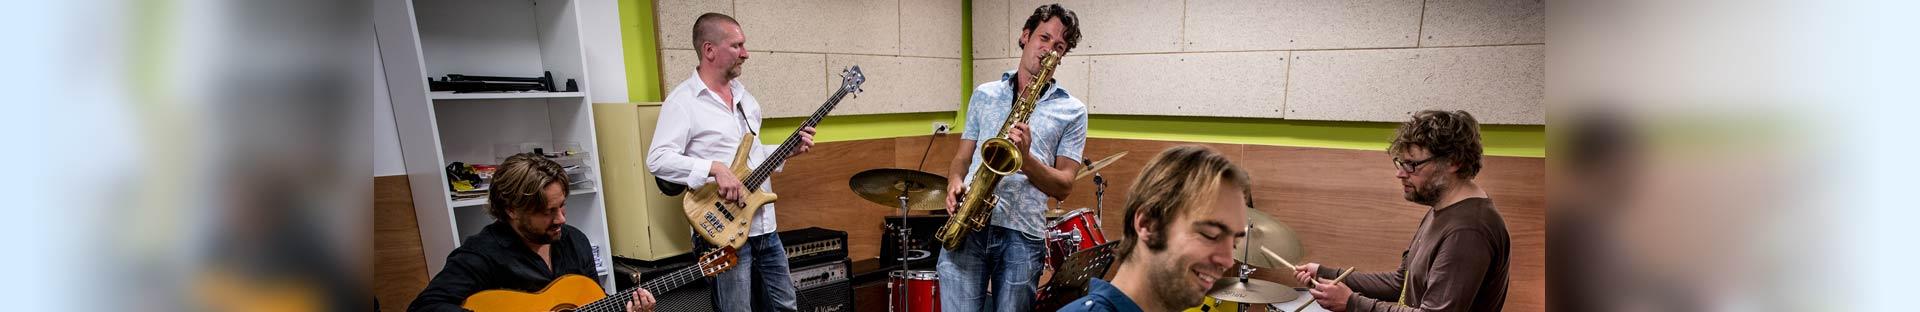 muziekschool groningen saxofoonles